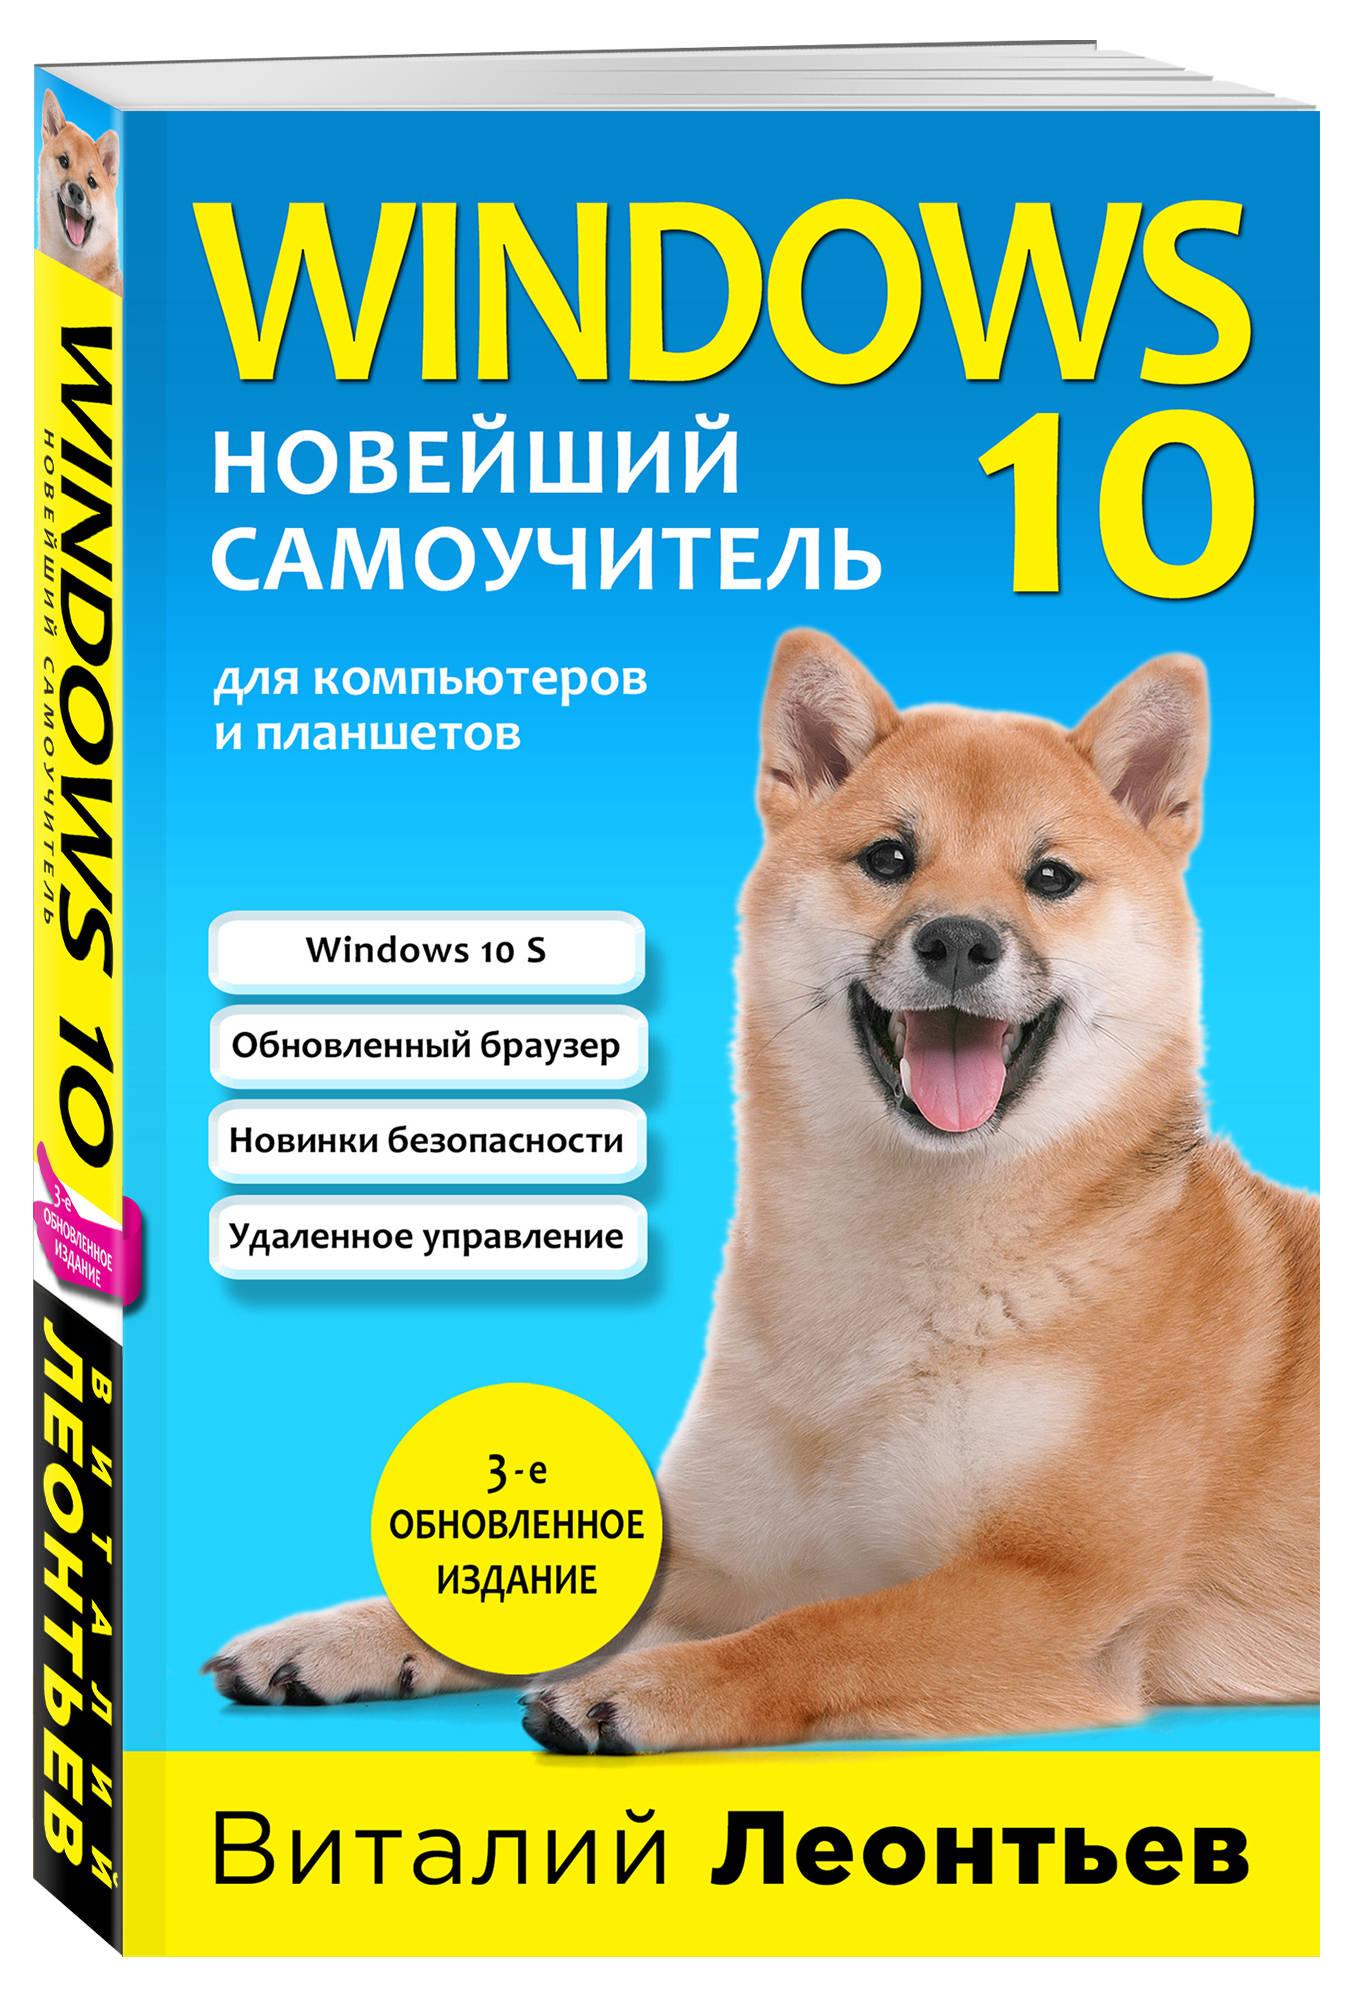 Виталий Леонтьев Windows 10. Новейший самоучитель. 3-е издание леонтьев в новейший самоучитель windows 8 самые полезные программы издание второе исправленное и дополненное